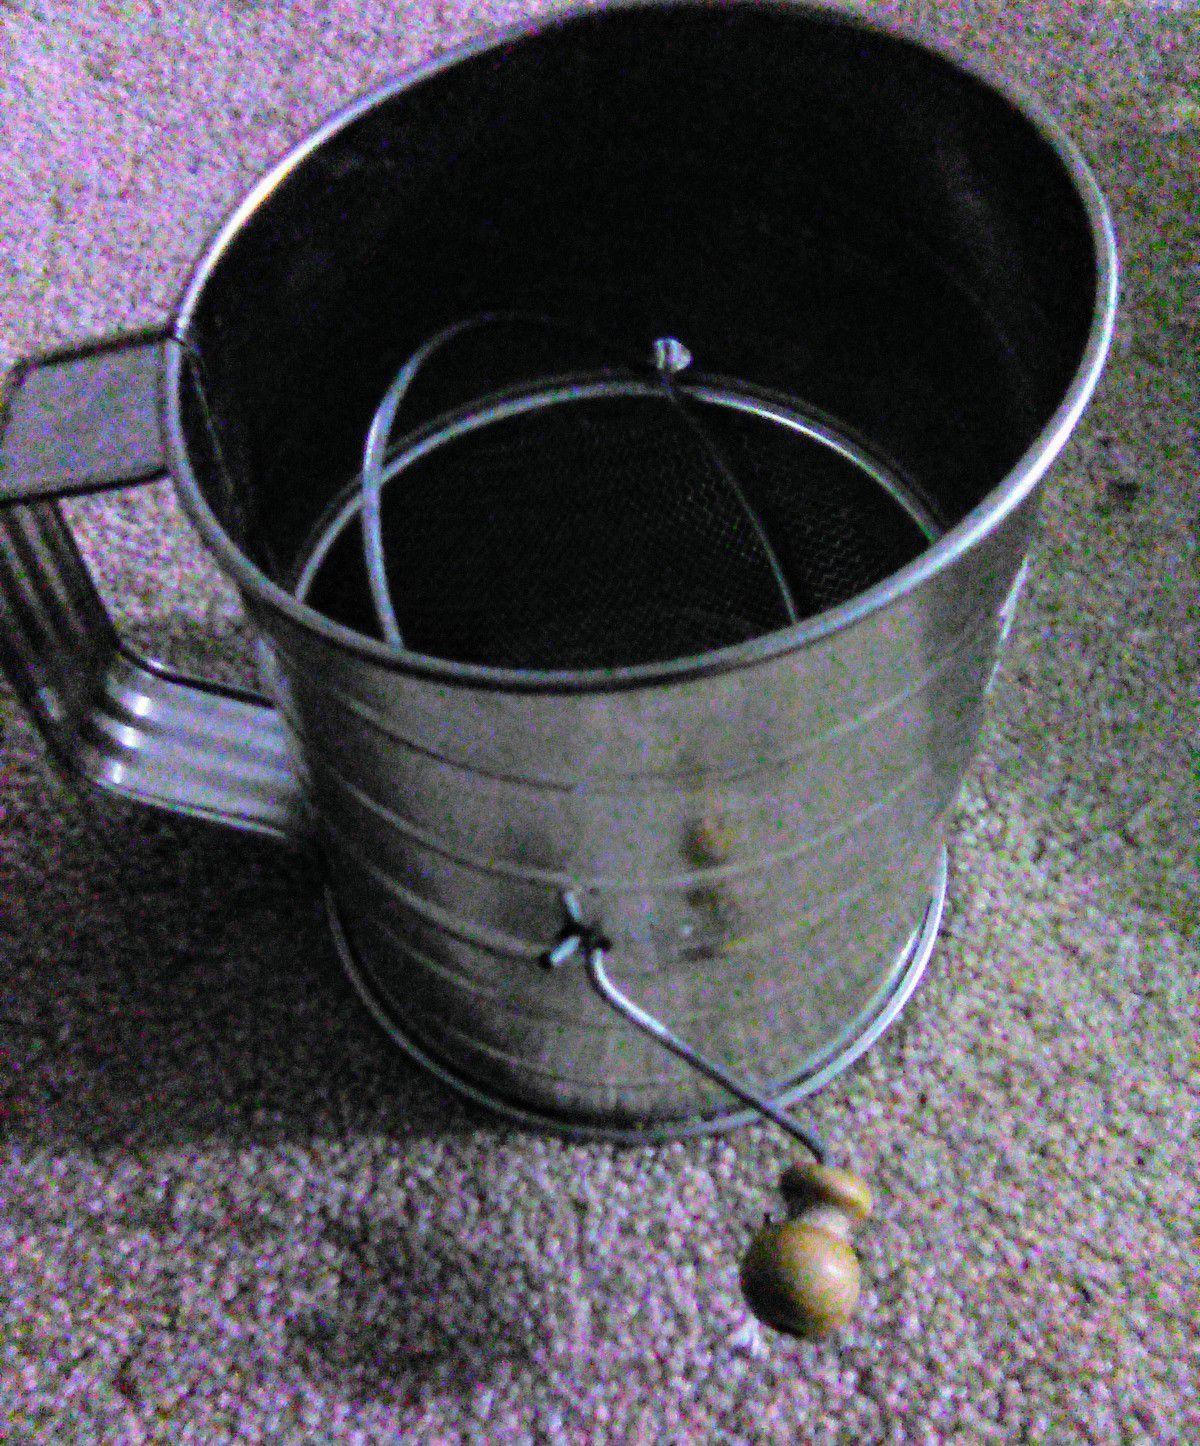 Egg cooker & Kitchen supplies